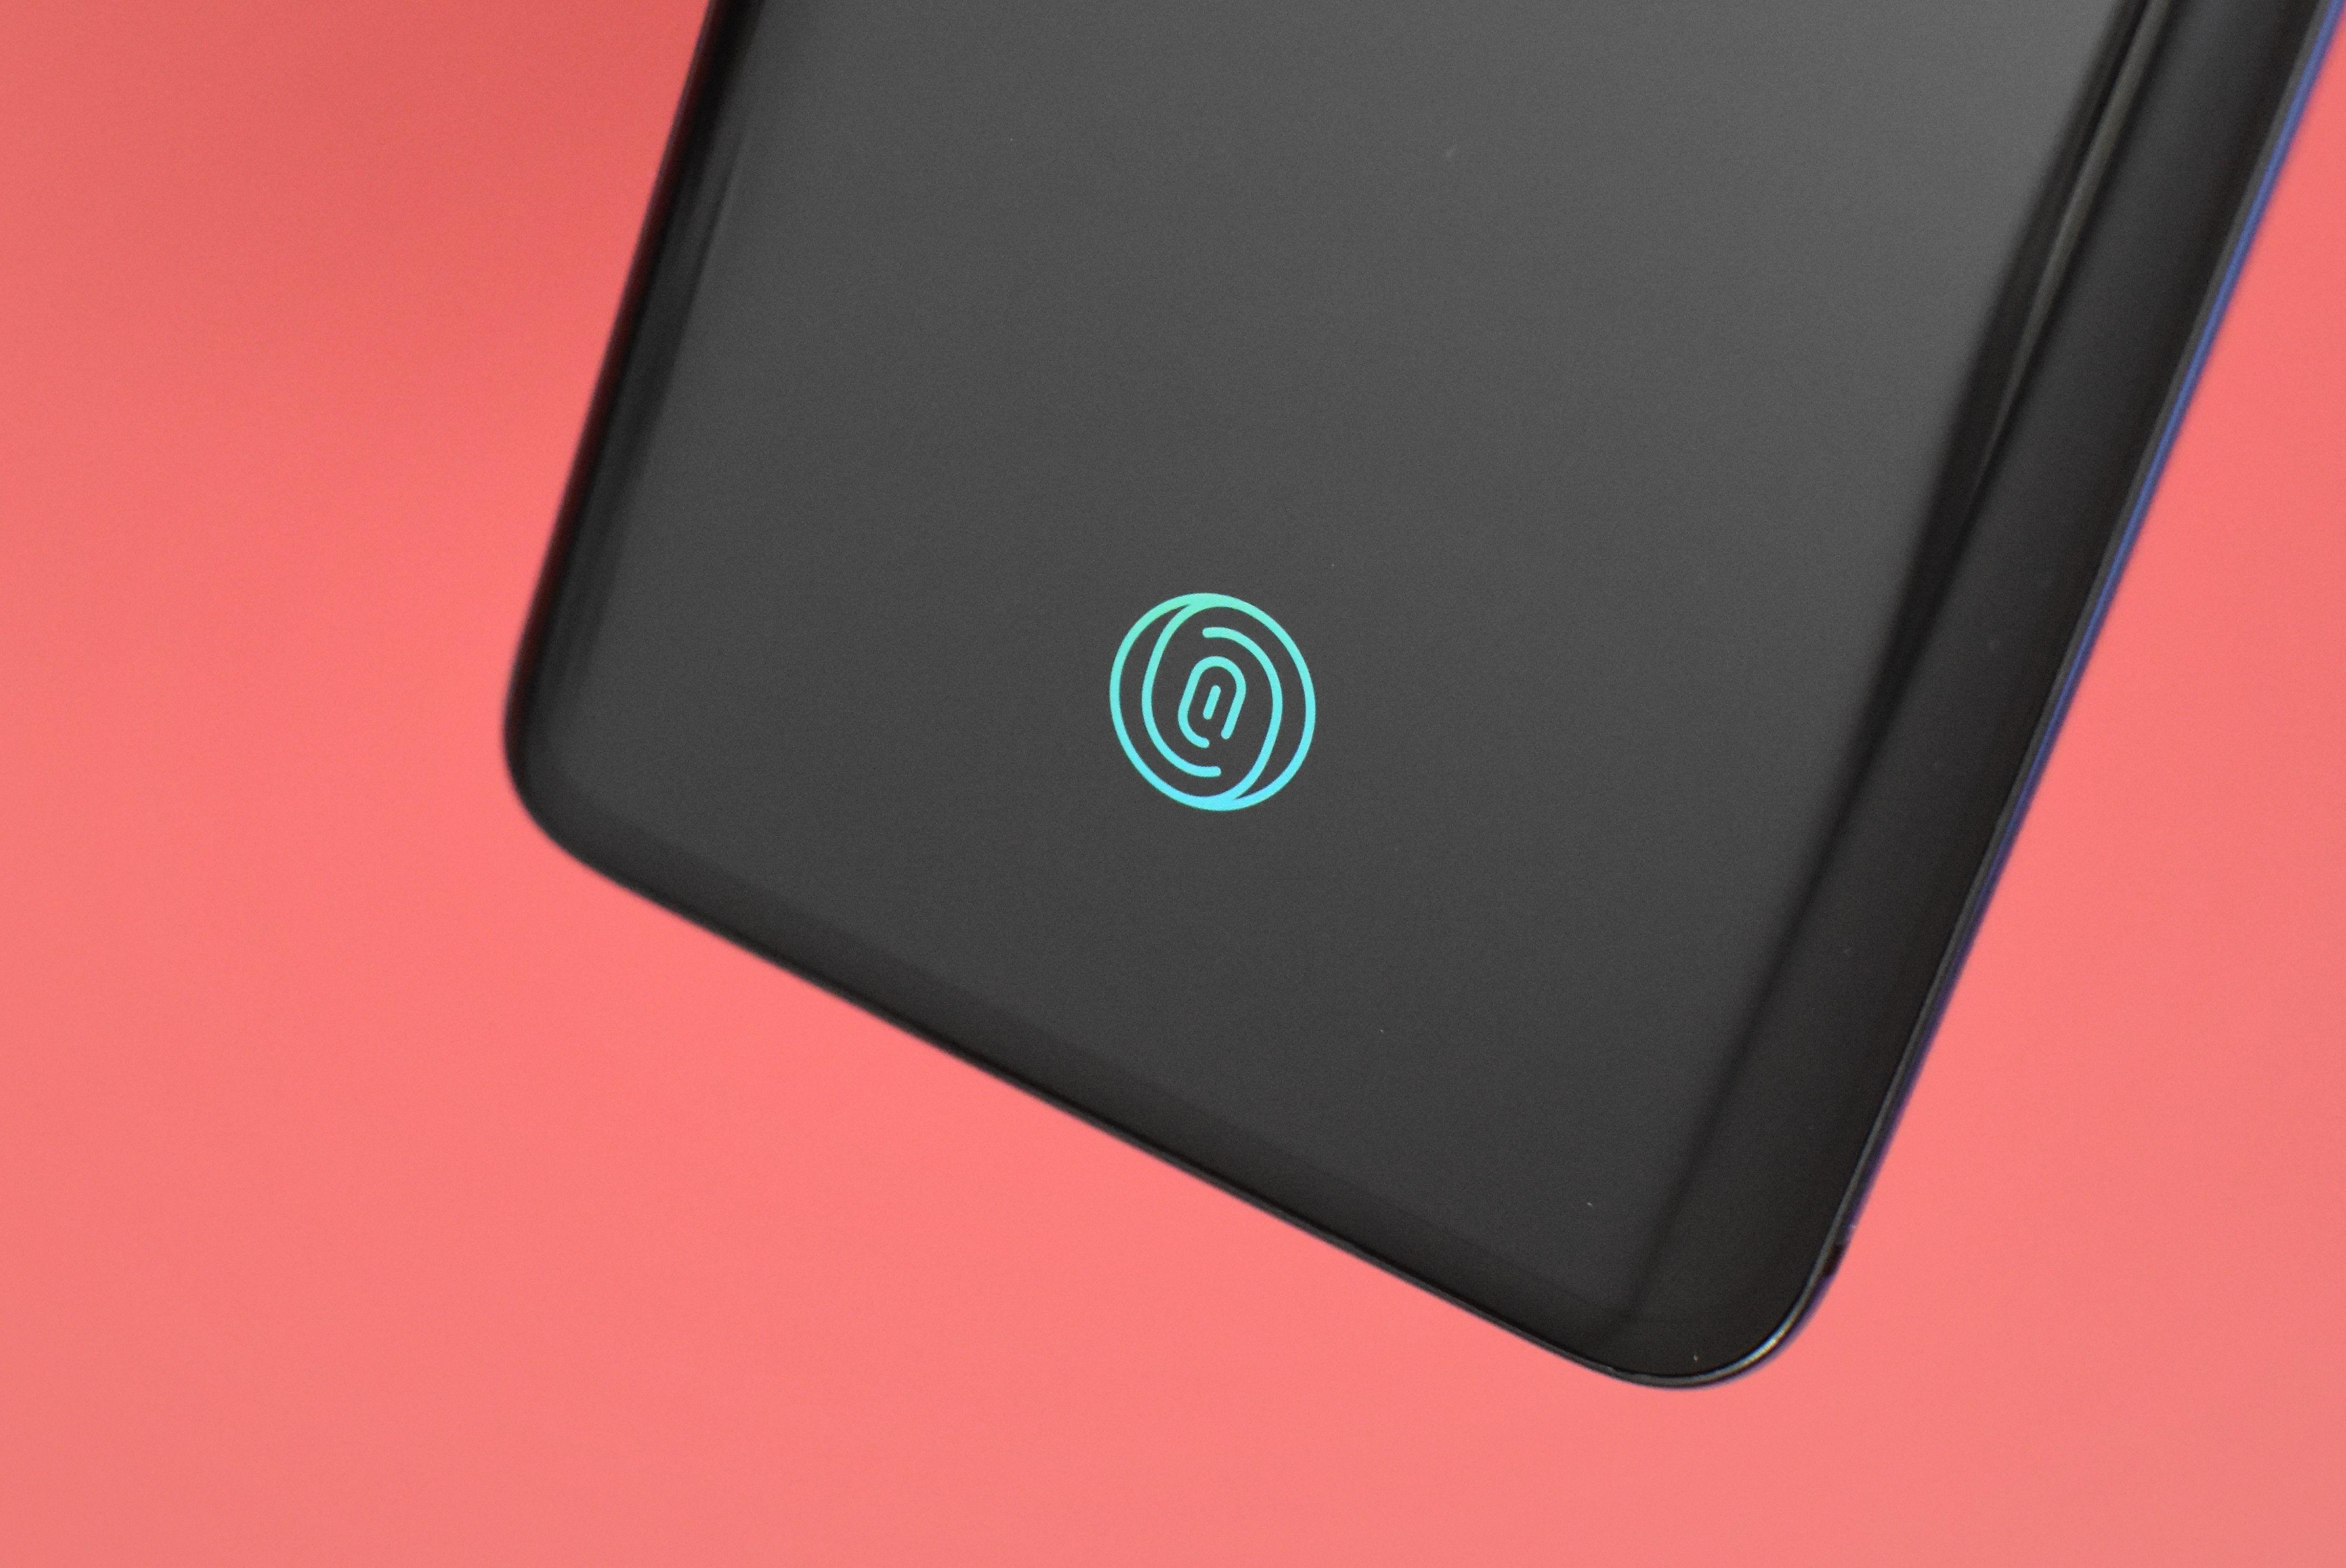 OnePlus 7T Pro Fingerprint Reader